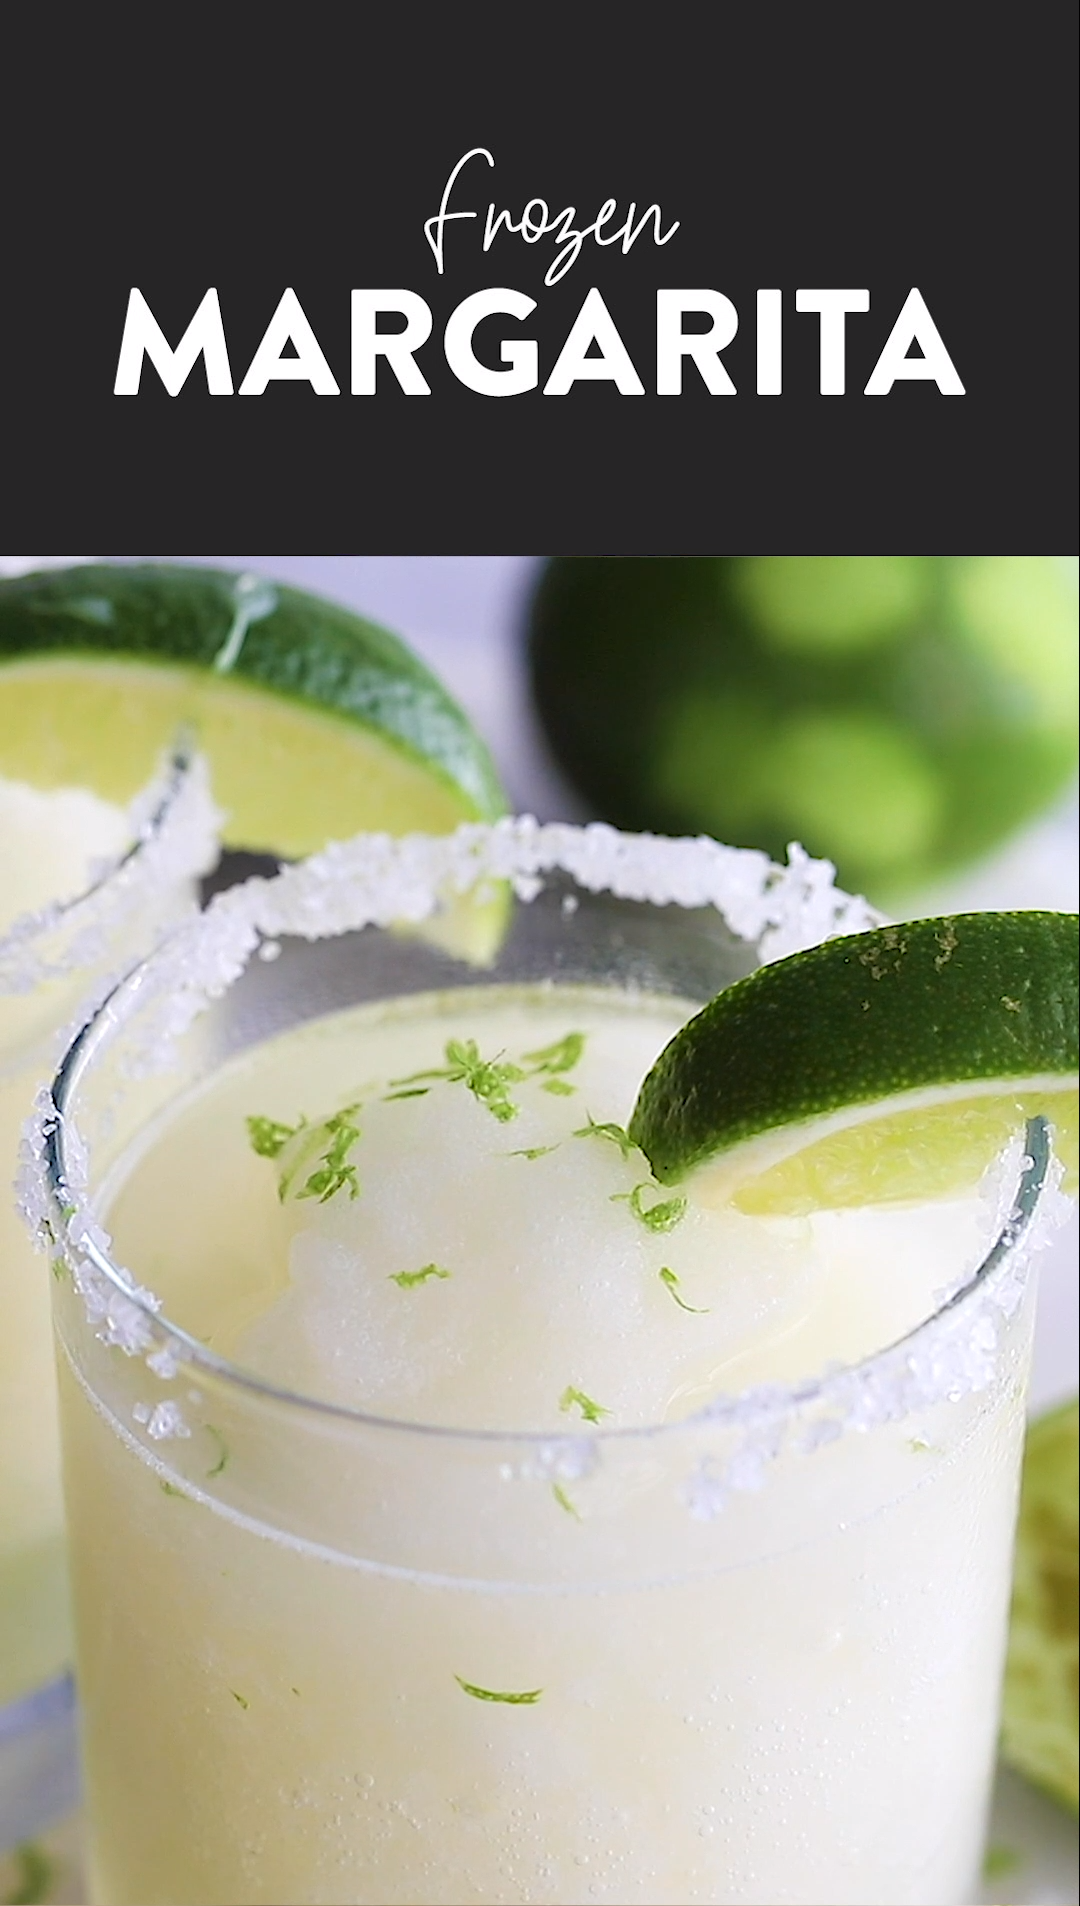 5 Minute Frozen Margarita Recipe #frozenmargaritarecipes